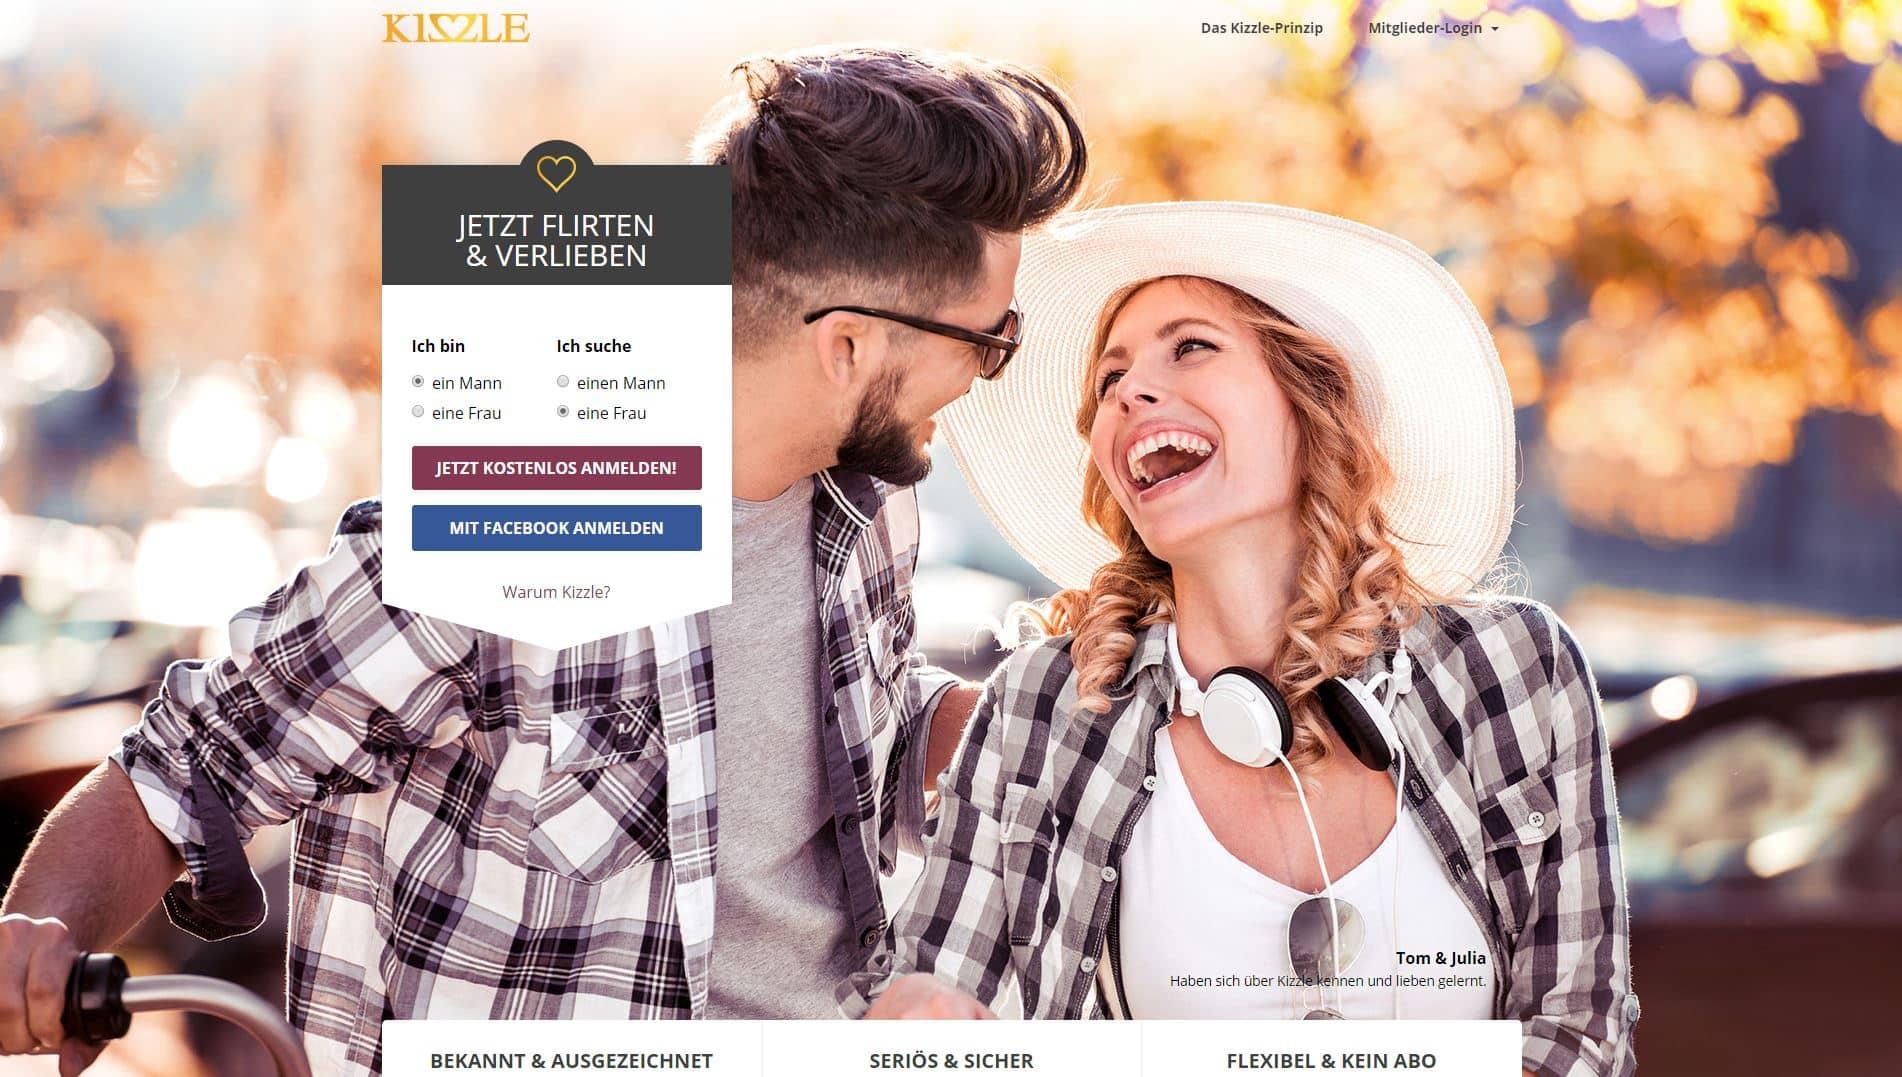 Die besten kostenlosen online-dating-sites der welt